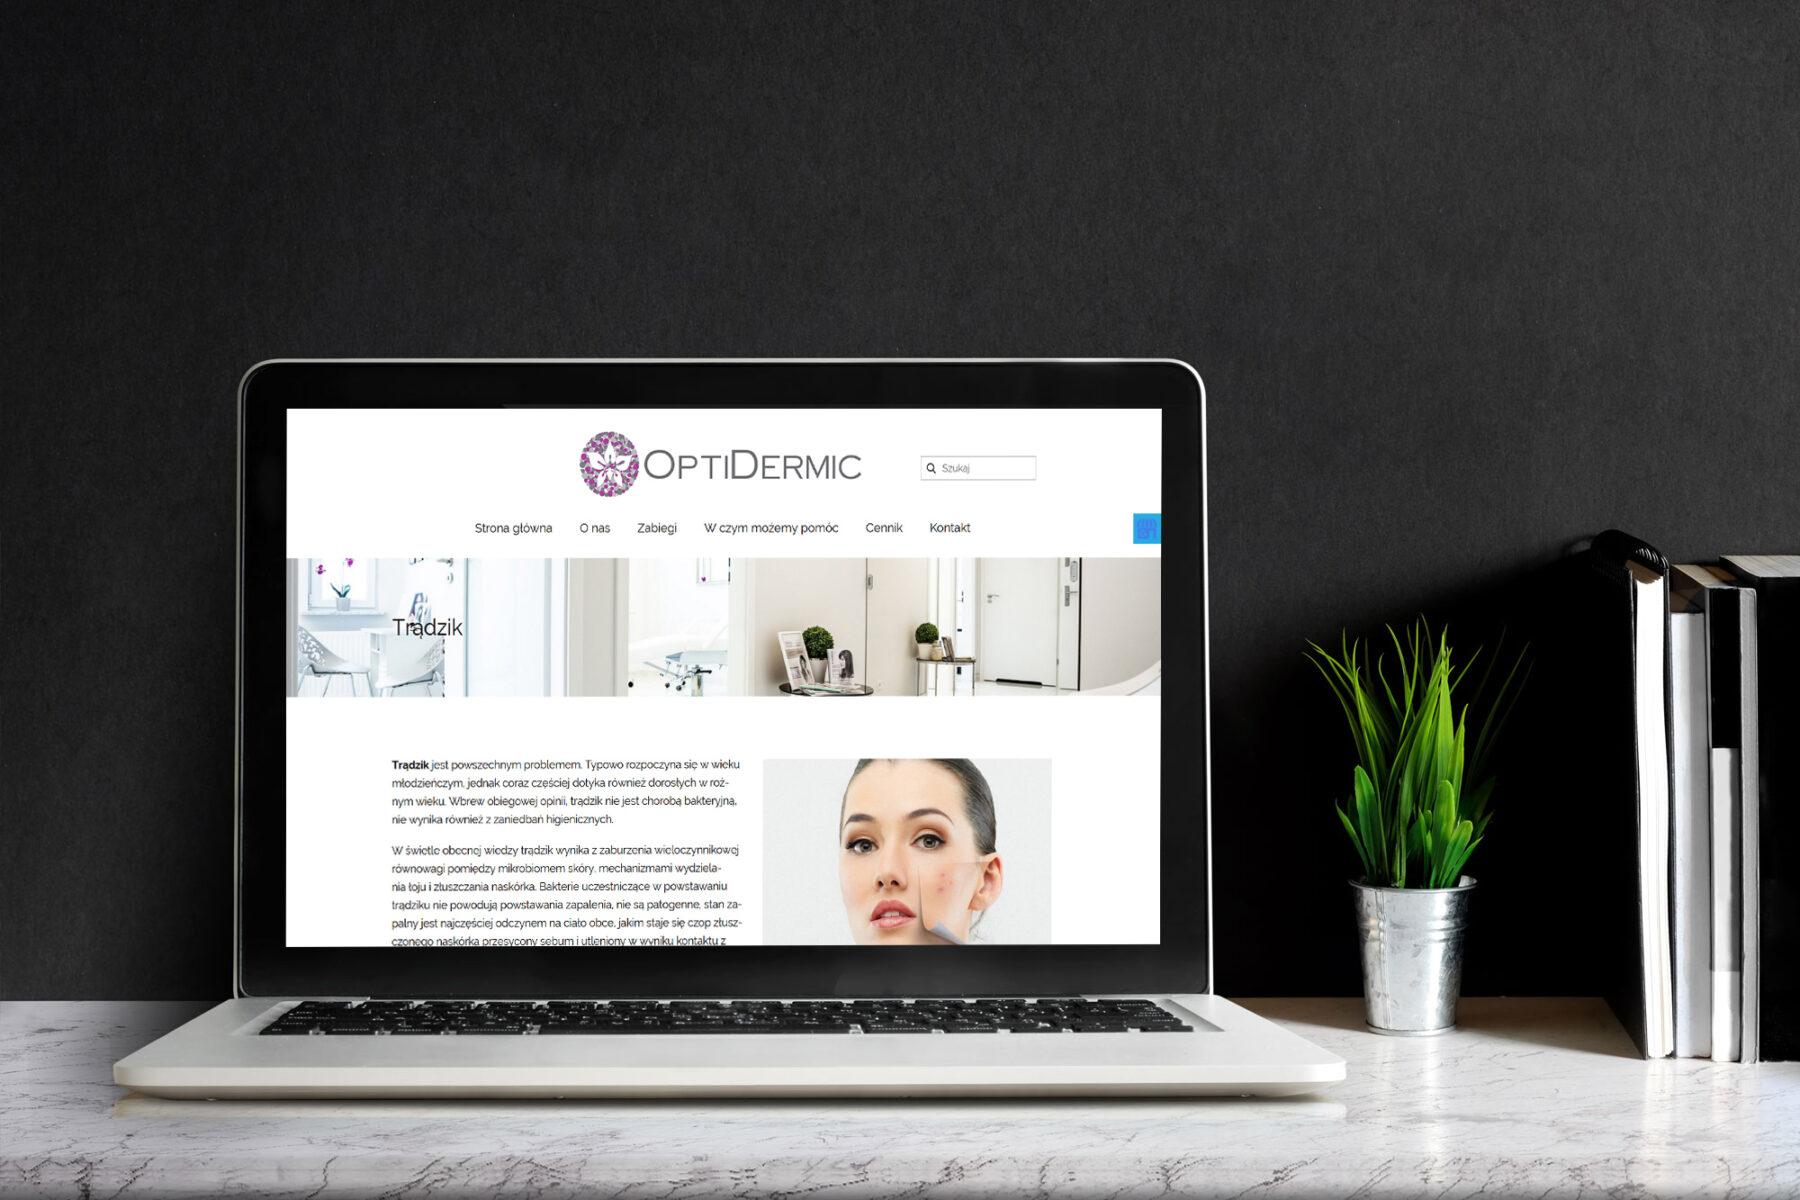 tworzenie stron internetowych optidermic.com by siplex - Obrazek 6